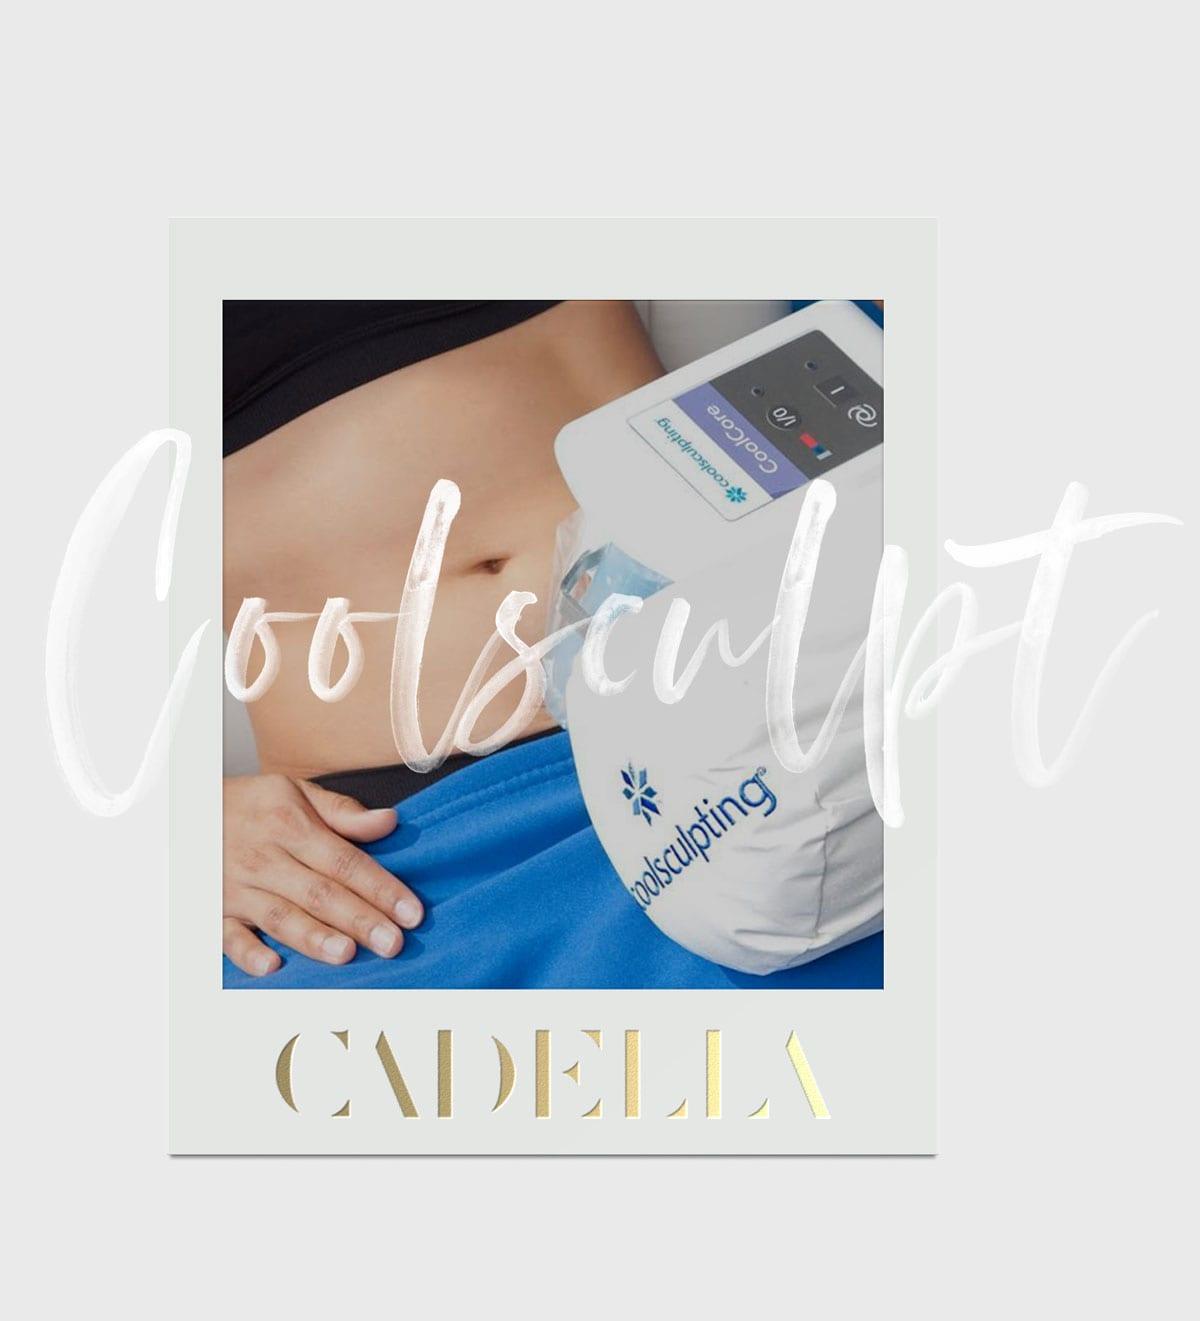 Women | Fat Reduction | Coolsculpting – Cadella Aesthetics